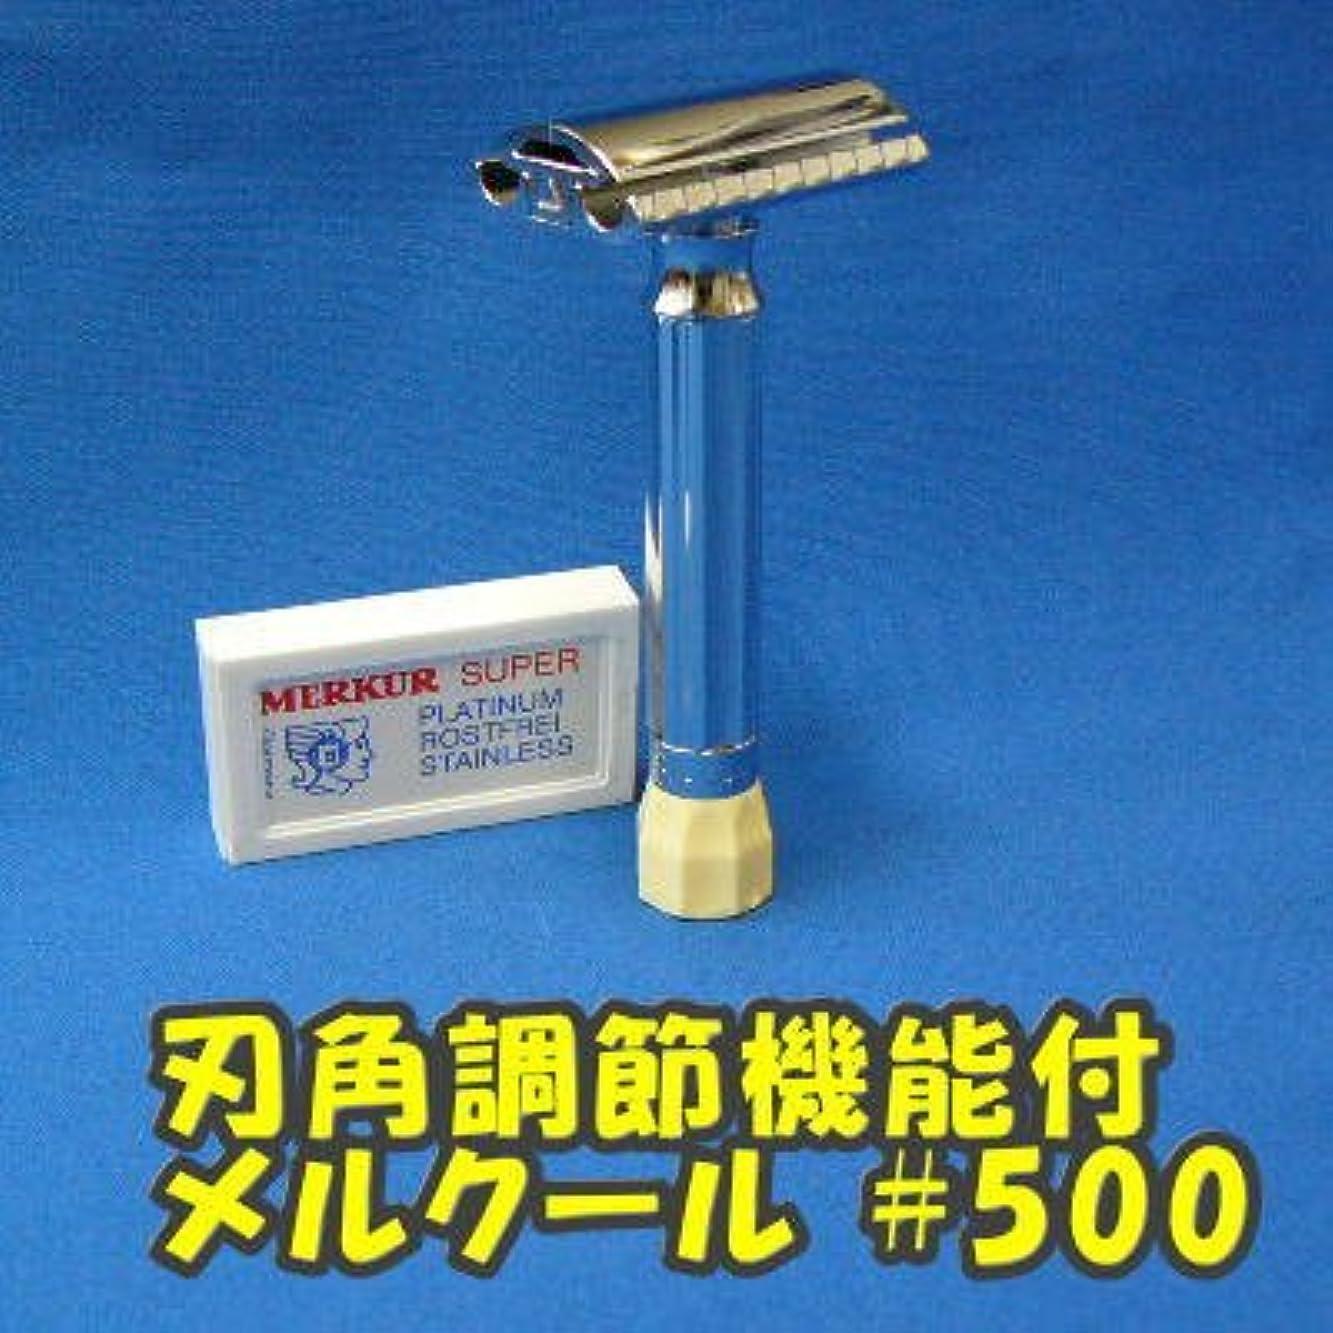 ライオネルグリーンストリート遠洋の重大メルクール髭剃り(ひげそり)570 PROGRESS(プログレス)